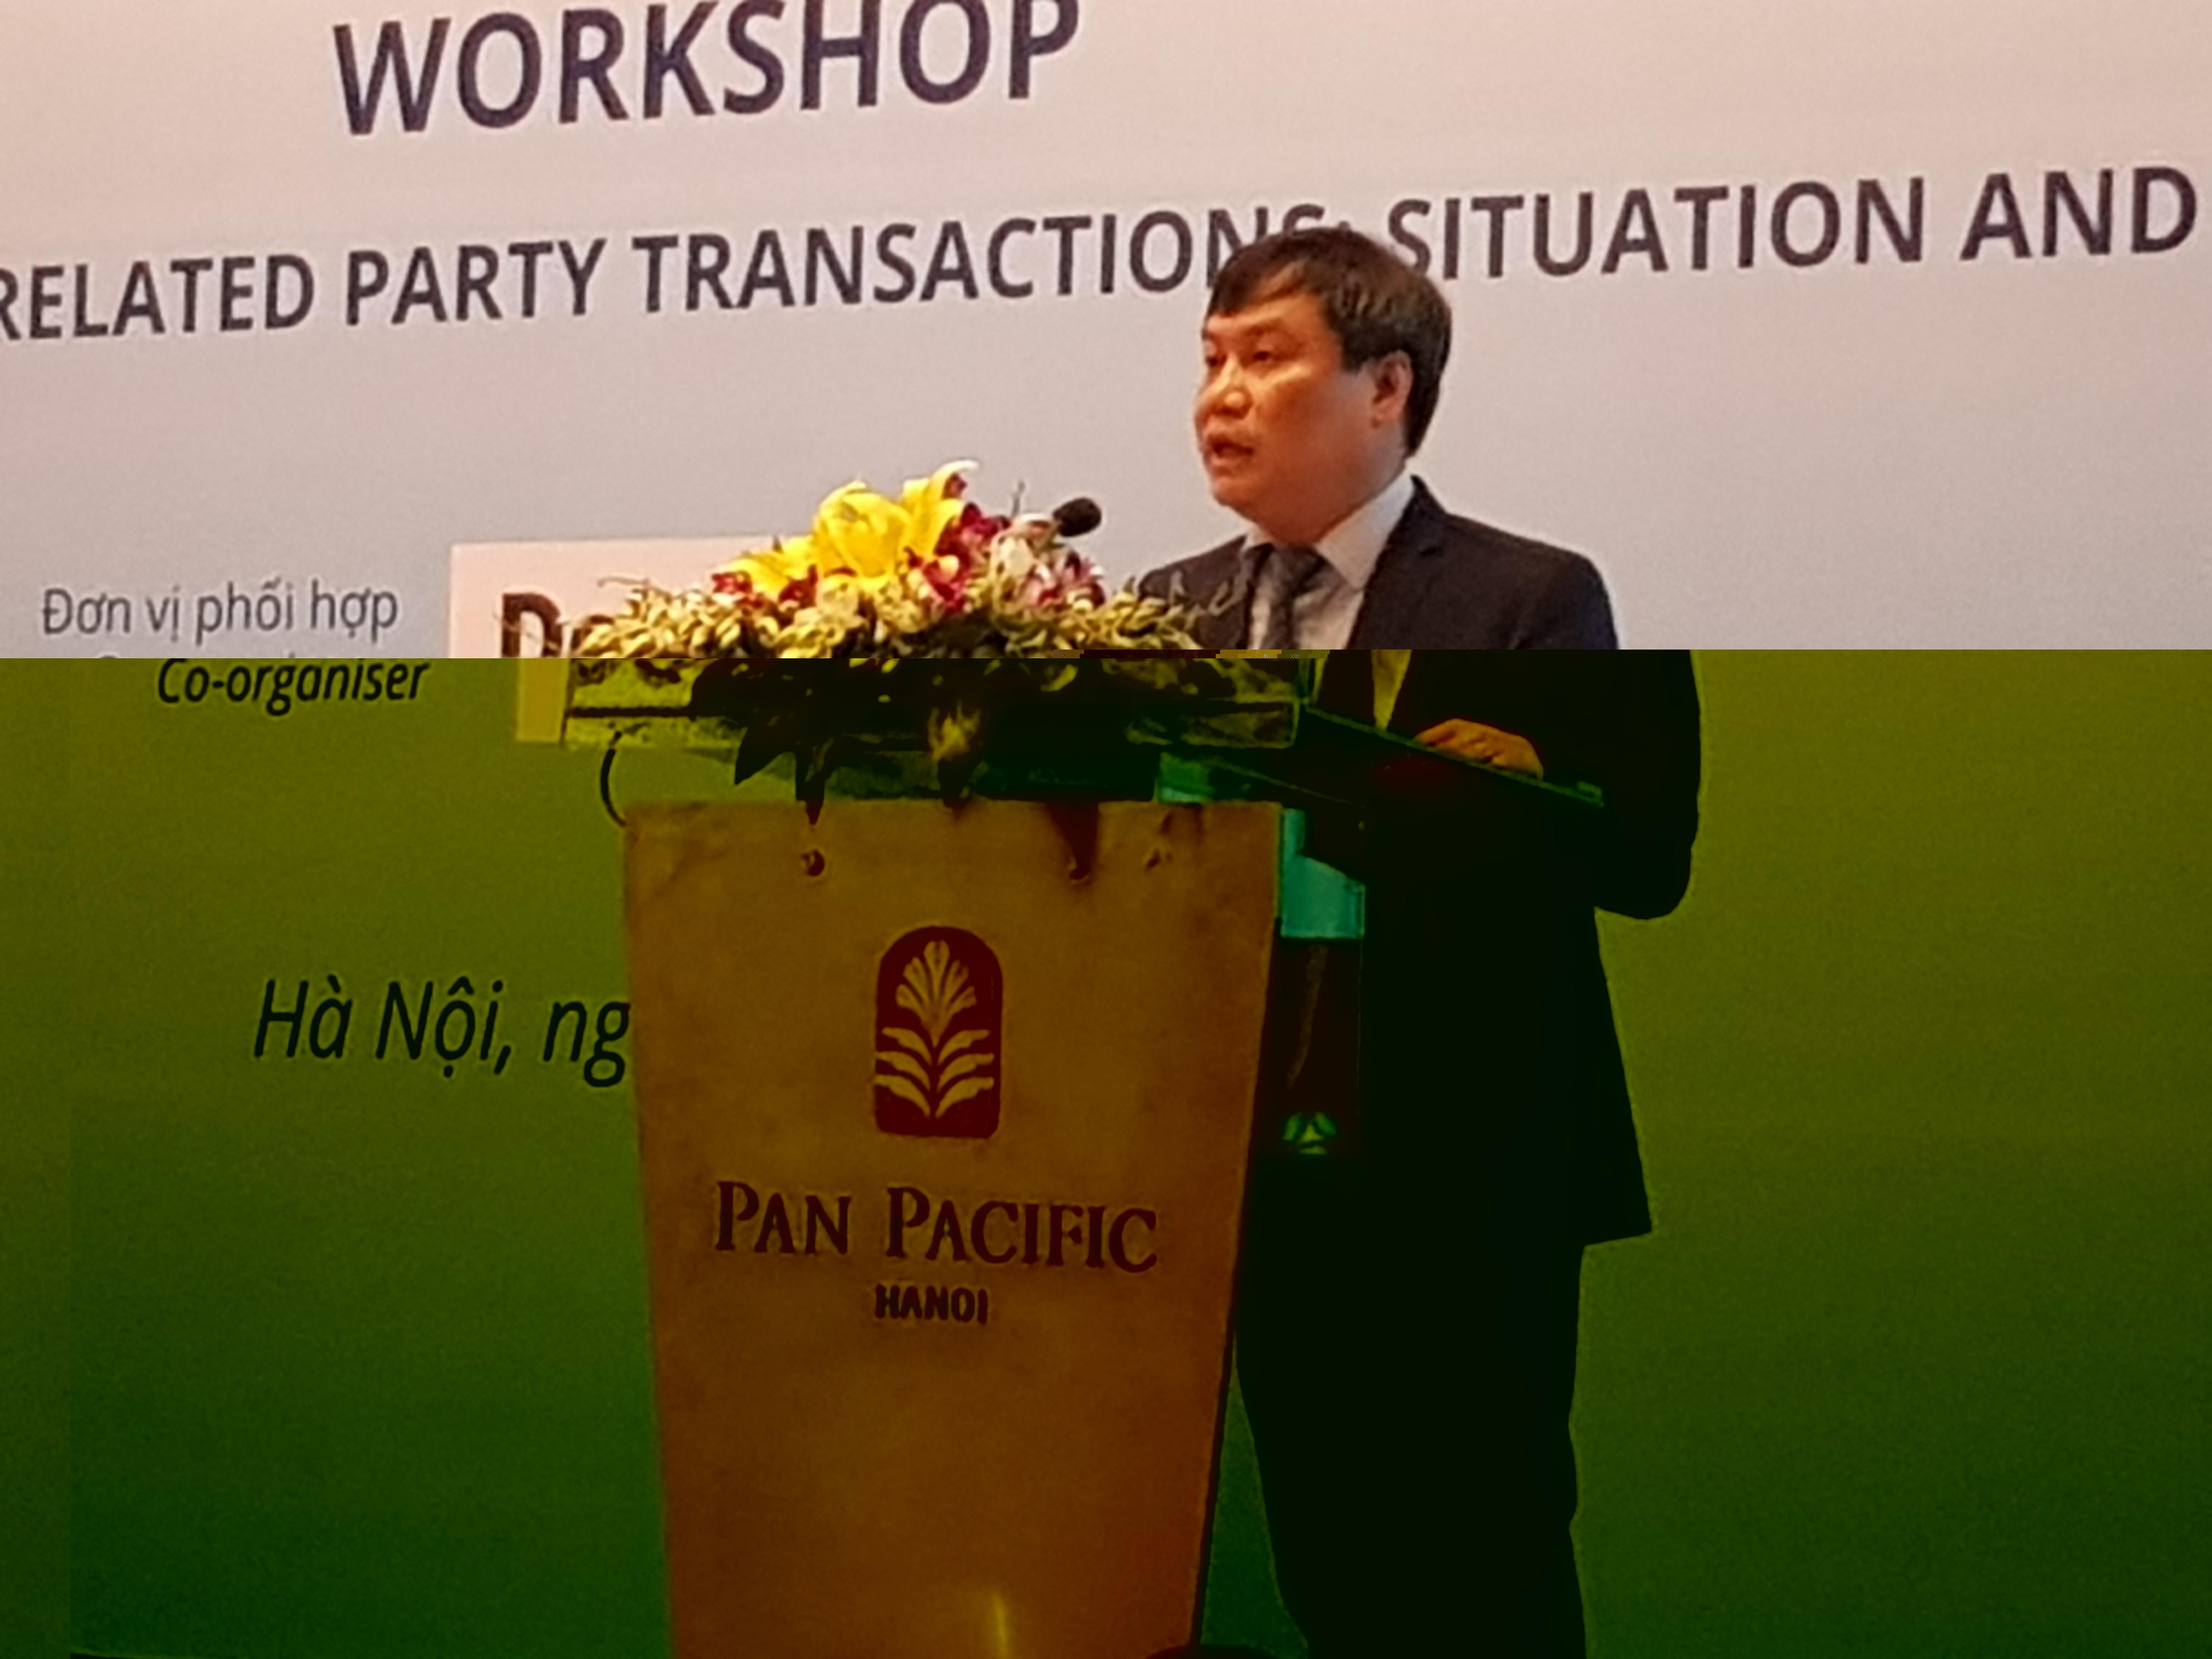 Ưu đãi đầu tư theo định hướng mới để thu hút chọn lọc dự án FDI vào Việt Nam